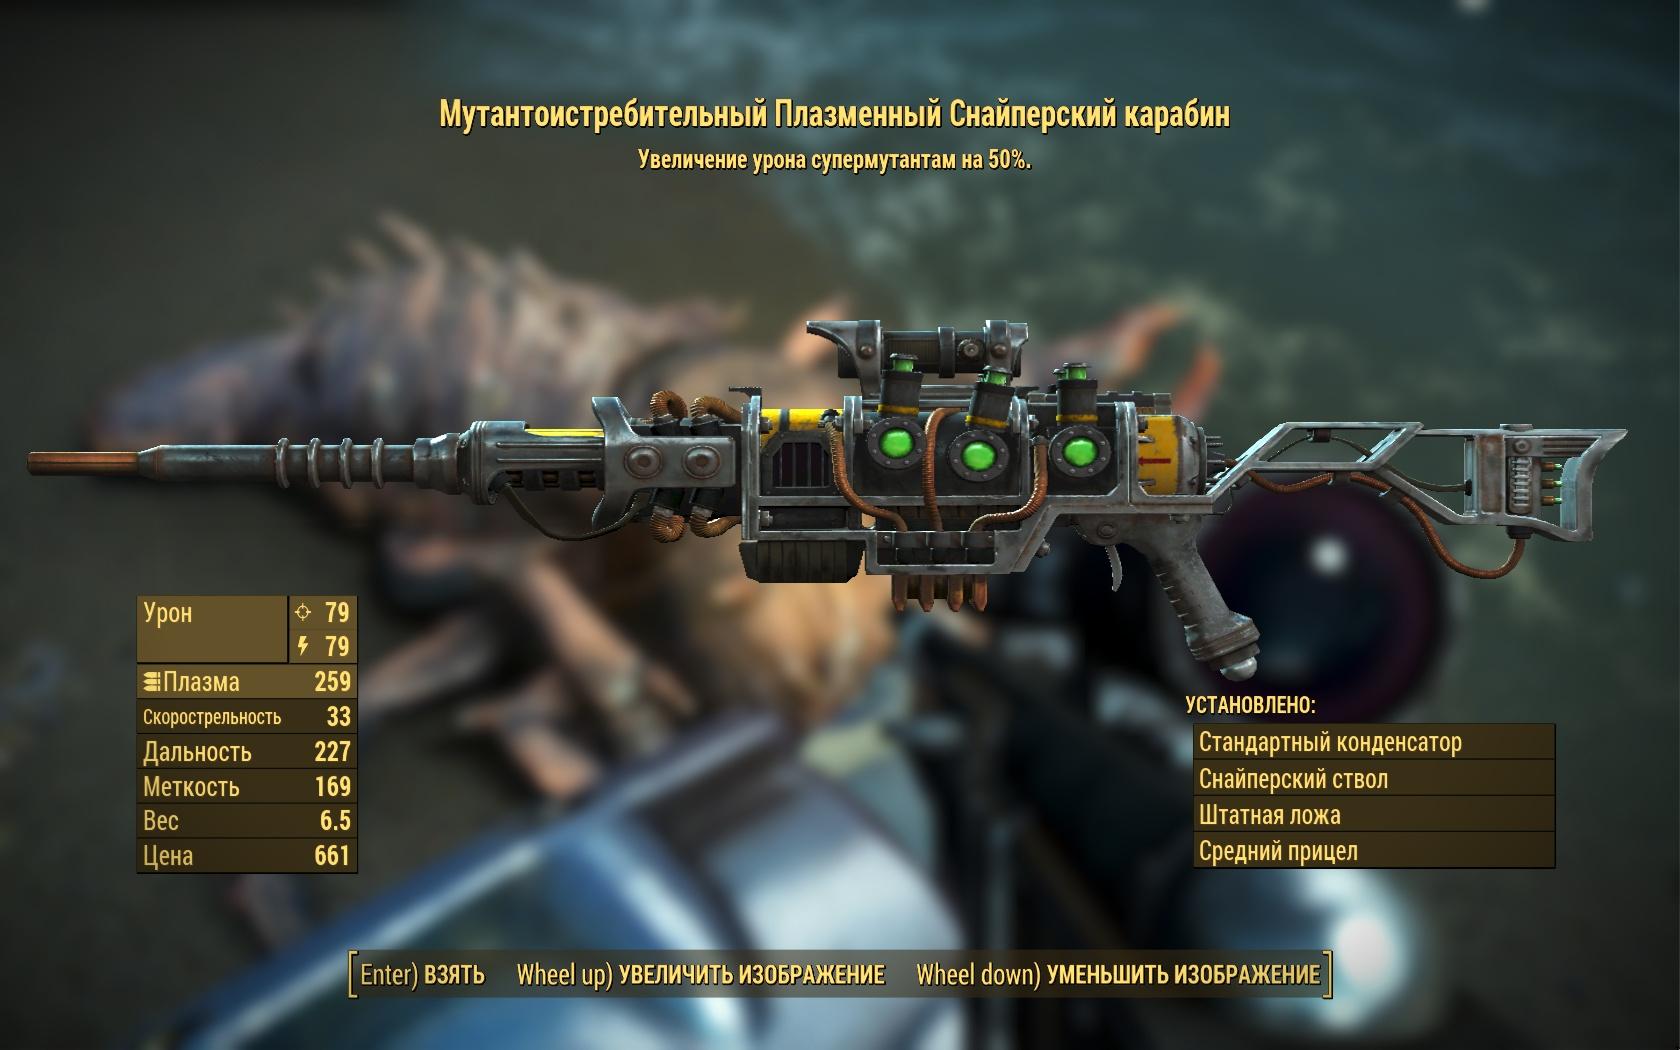 карабин - Fallout 4 Мутантоистребительный, Оружие, плазменный, снайперский